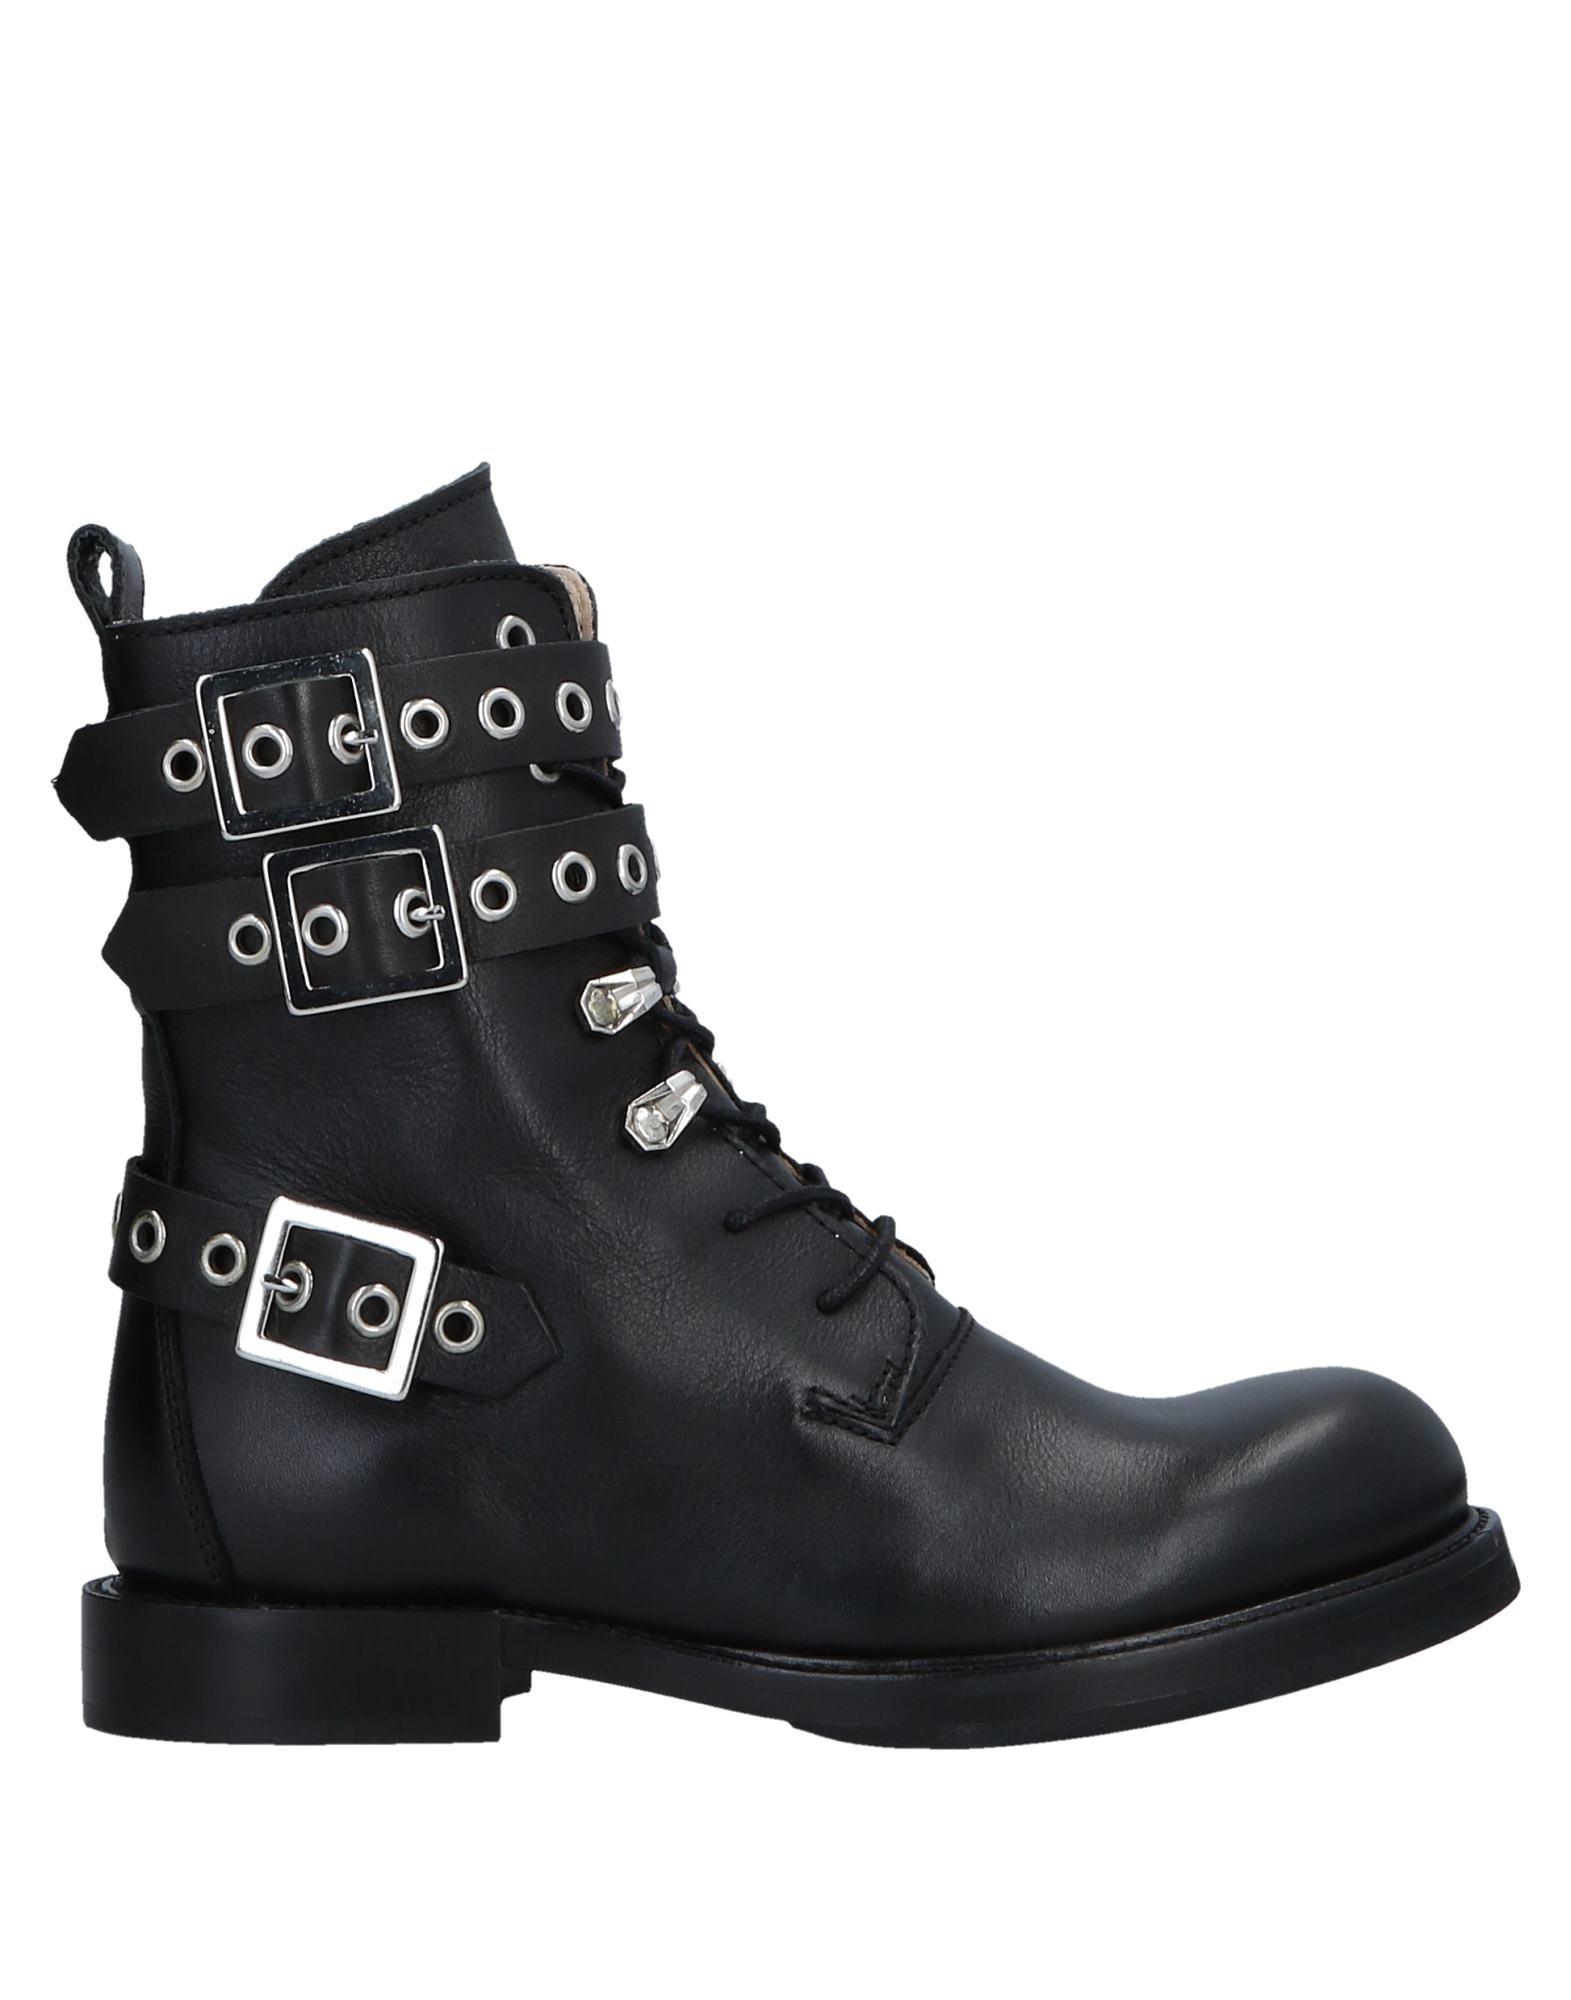 Diesel Stiefelette Damen  11531723MCGut aussehende strapazierfähige Schuhe